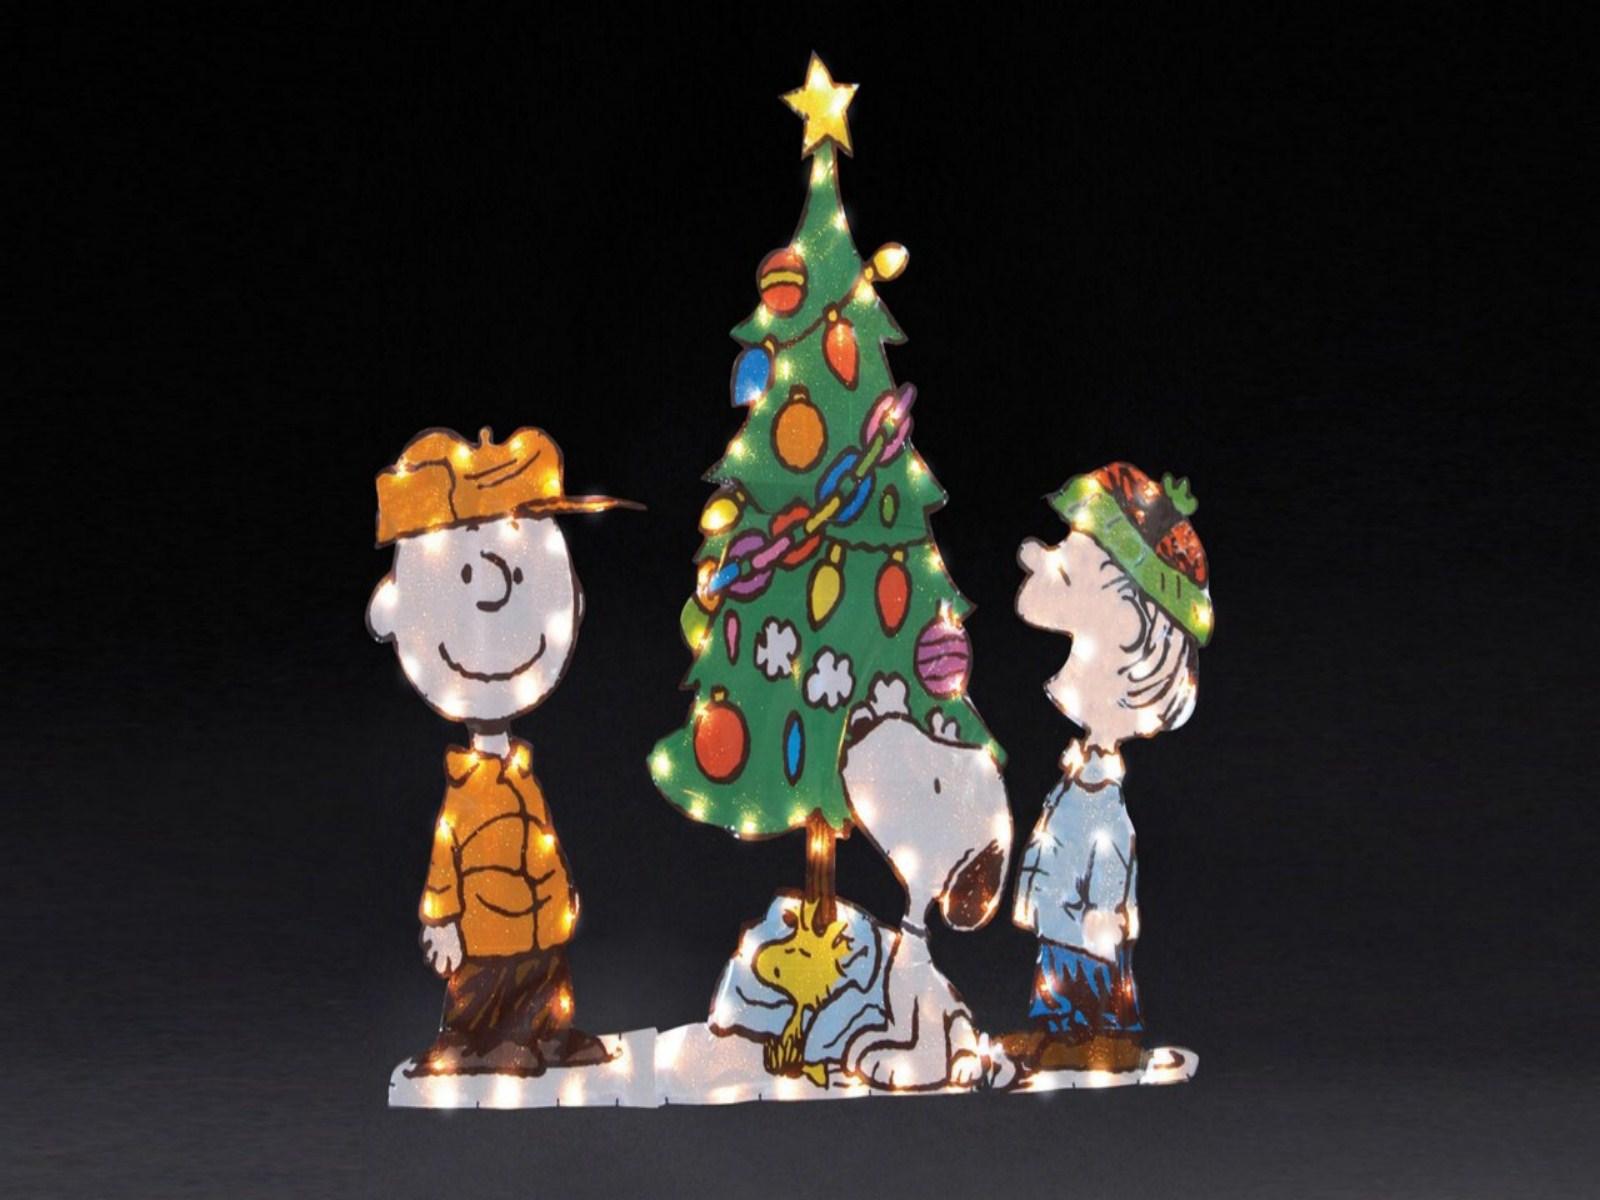 Peanuts Christmas Wallpaper jpeg   1600x1200   209126 1600x1200